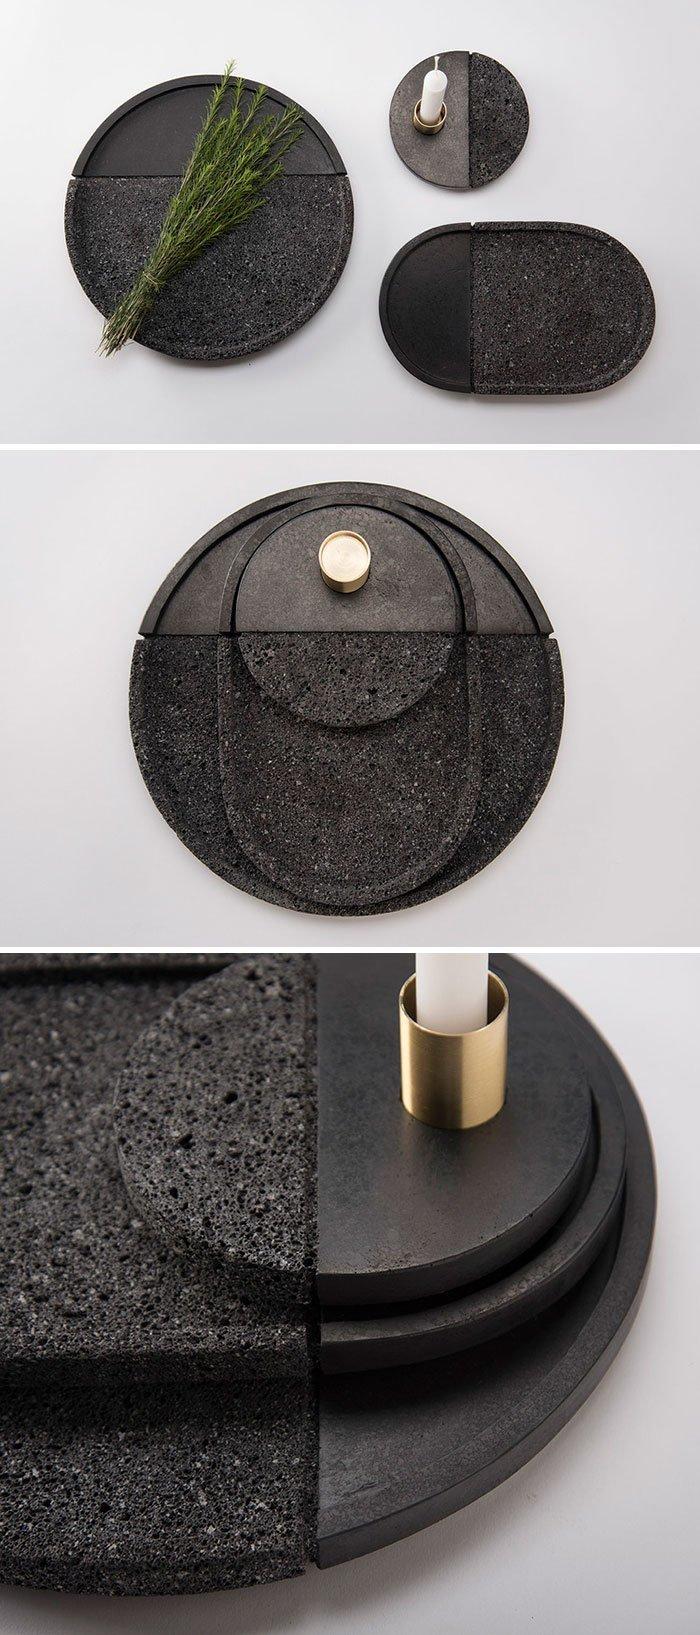 27. Набор тарелок из лавы  Стиль, вещь, дизайн, минимализм, подборка, простота, фото